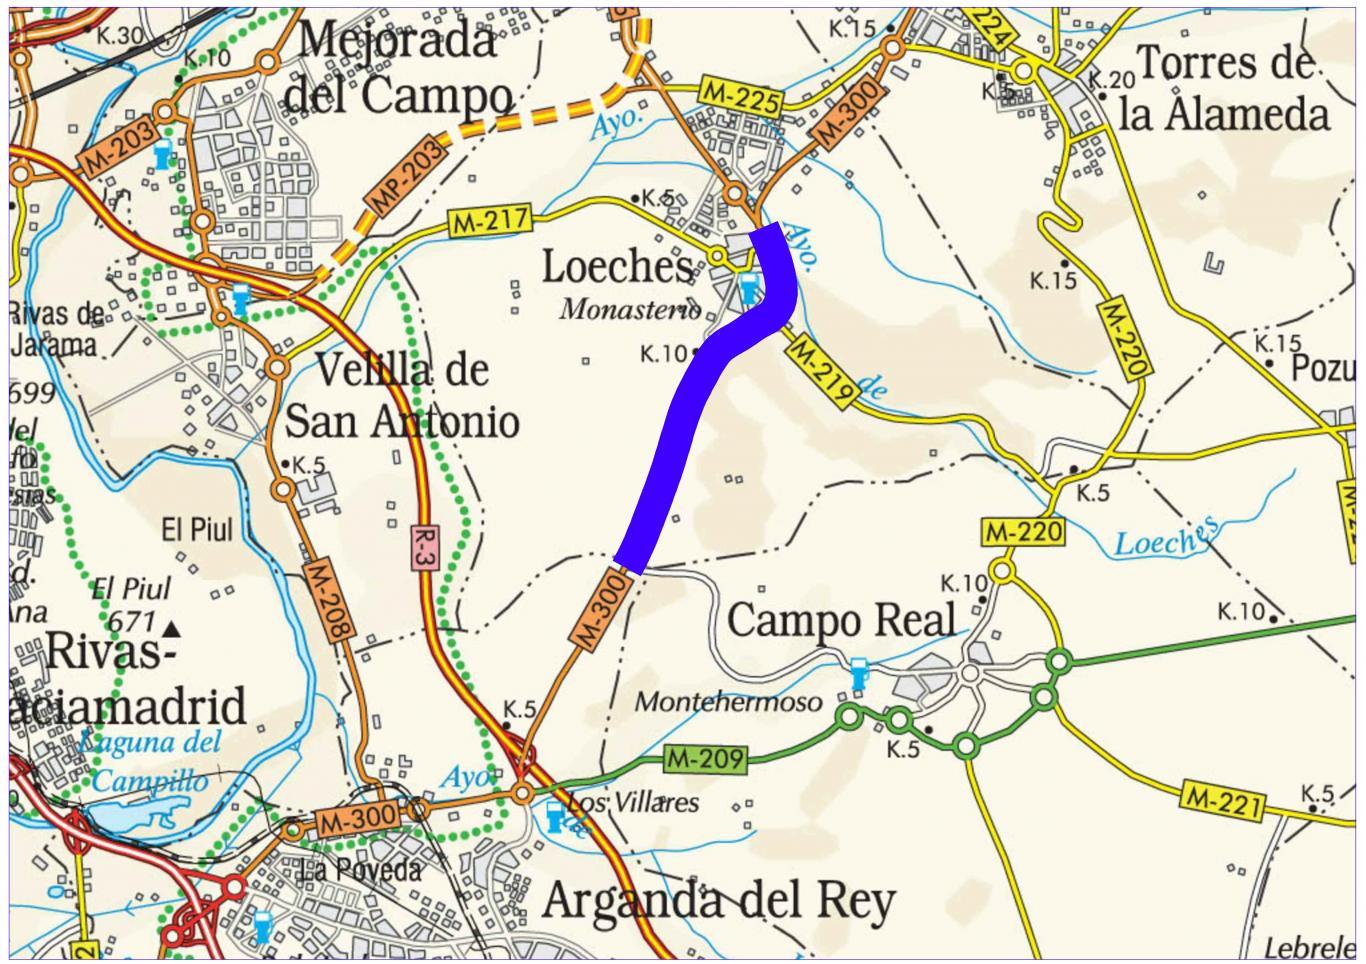 Plano de situación de la obra M-300 pk 7,500-13,200